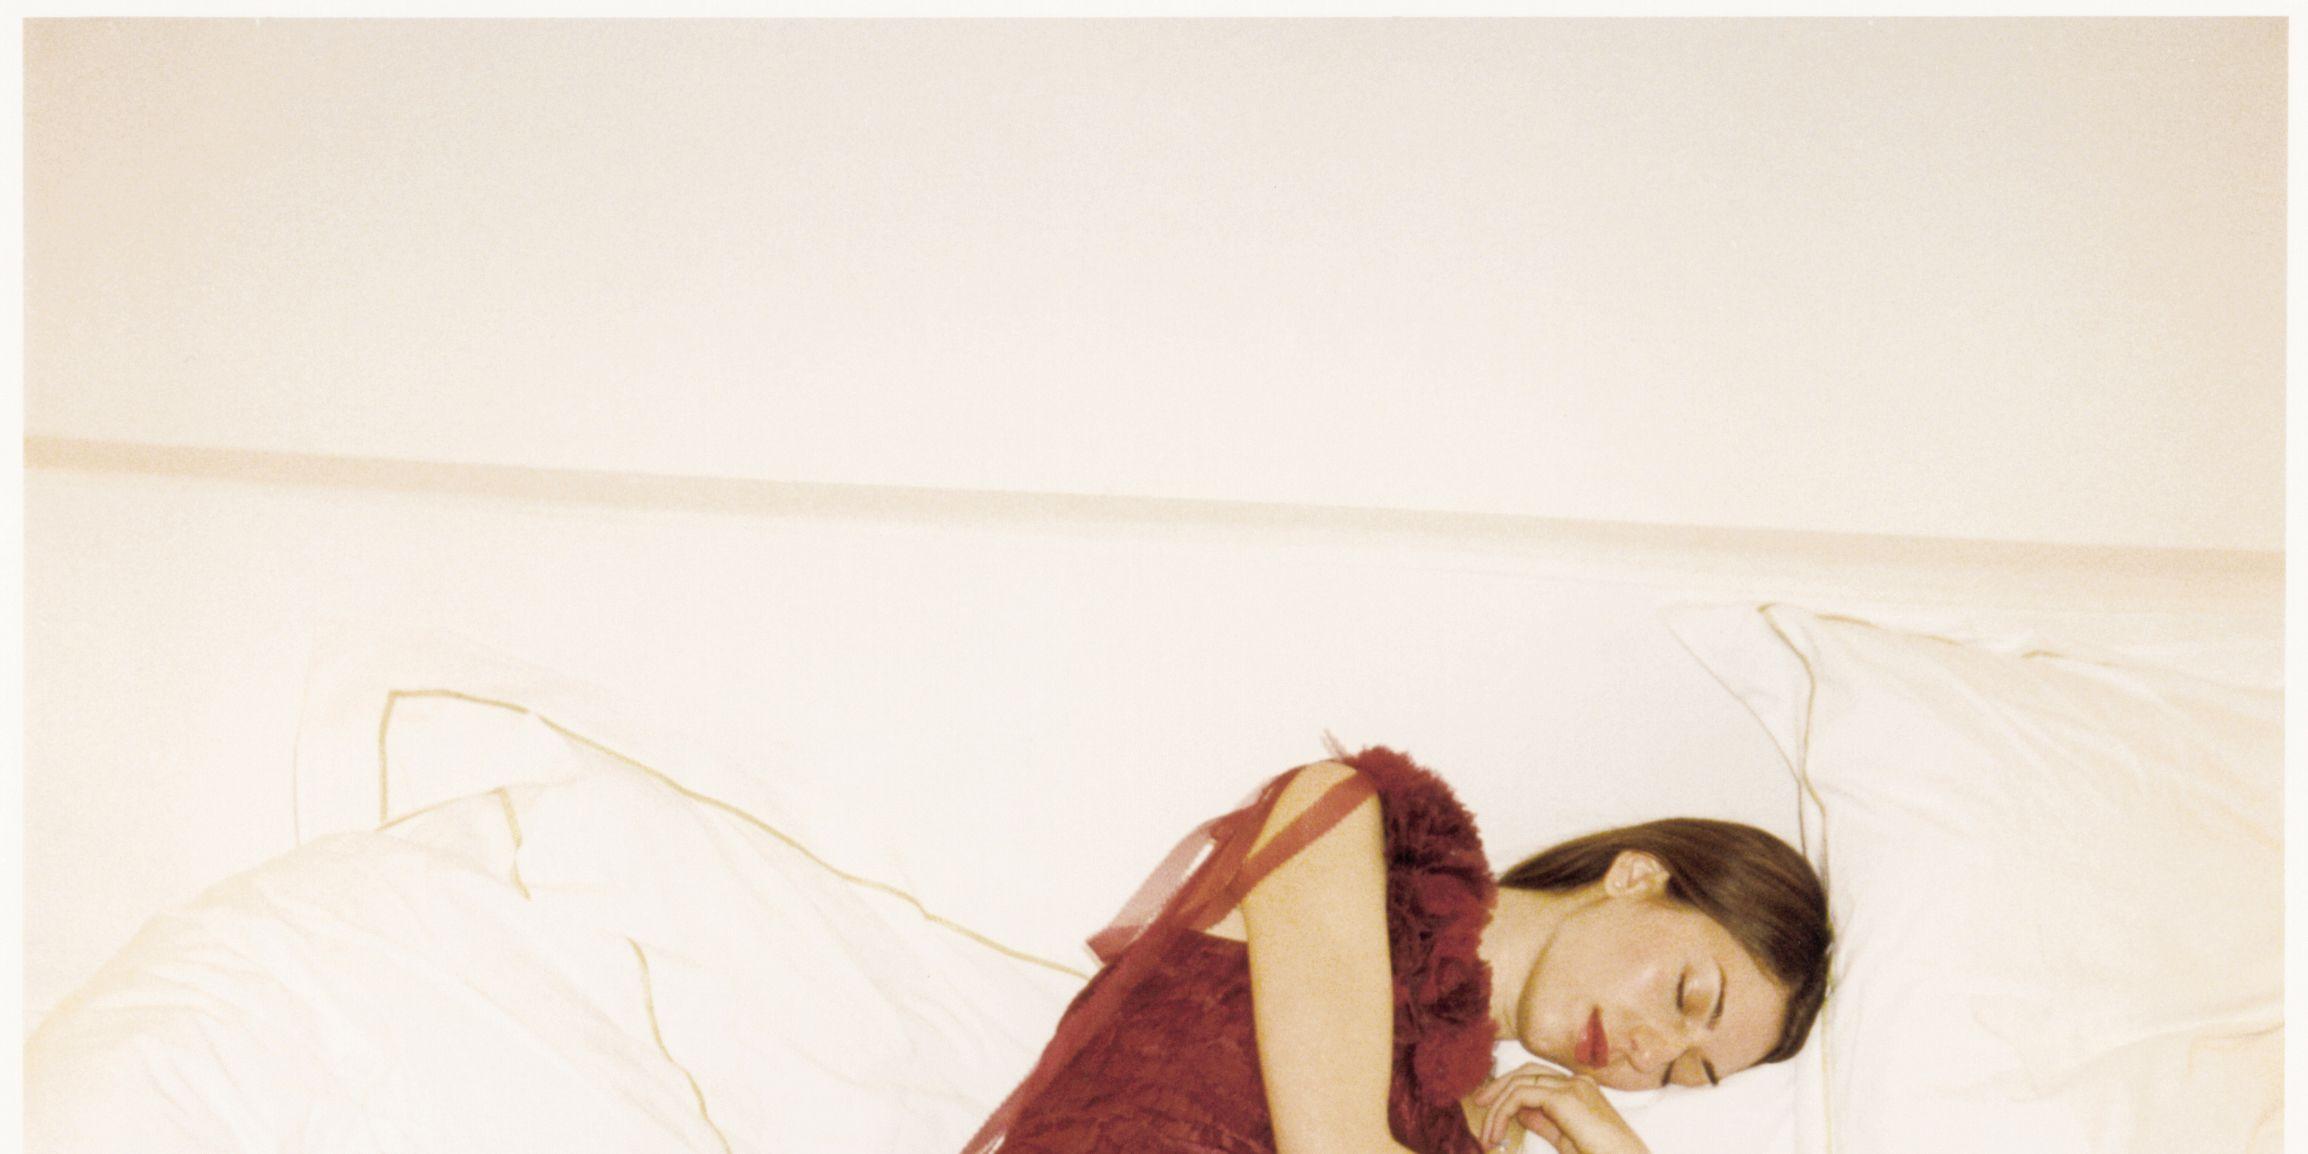 「マーク ジェイコブス」のランウェイが蘇る! 日本初の作品展を開催